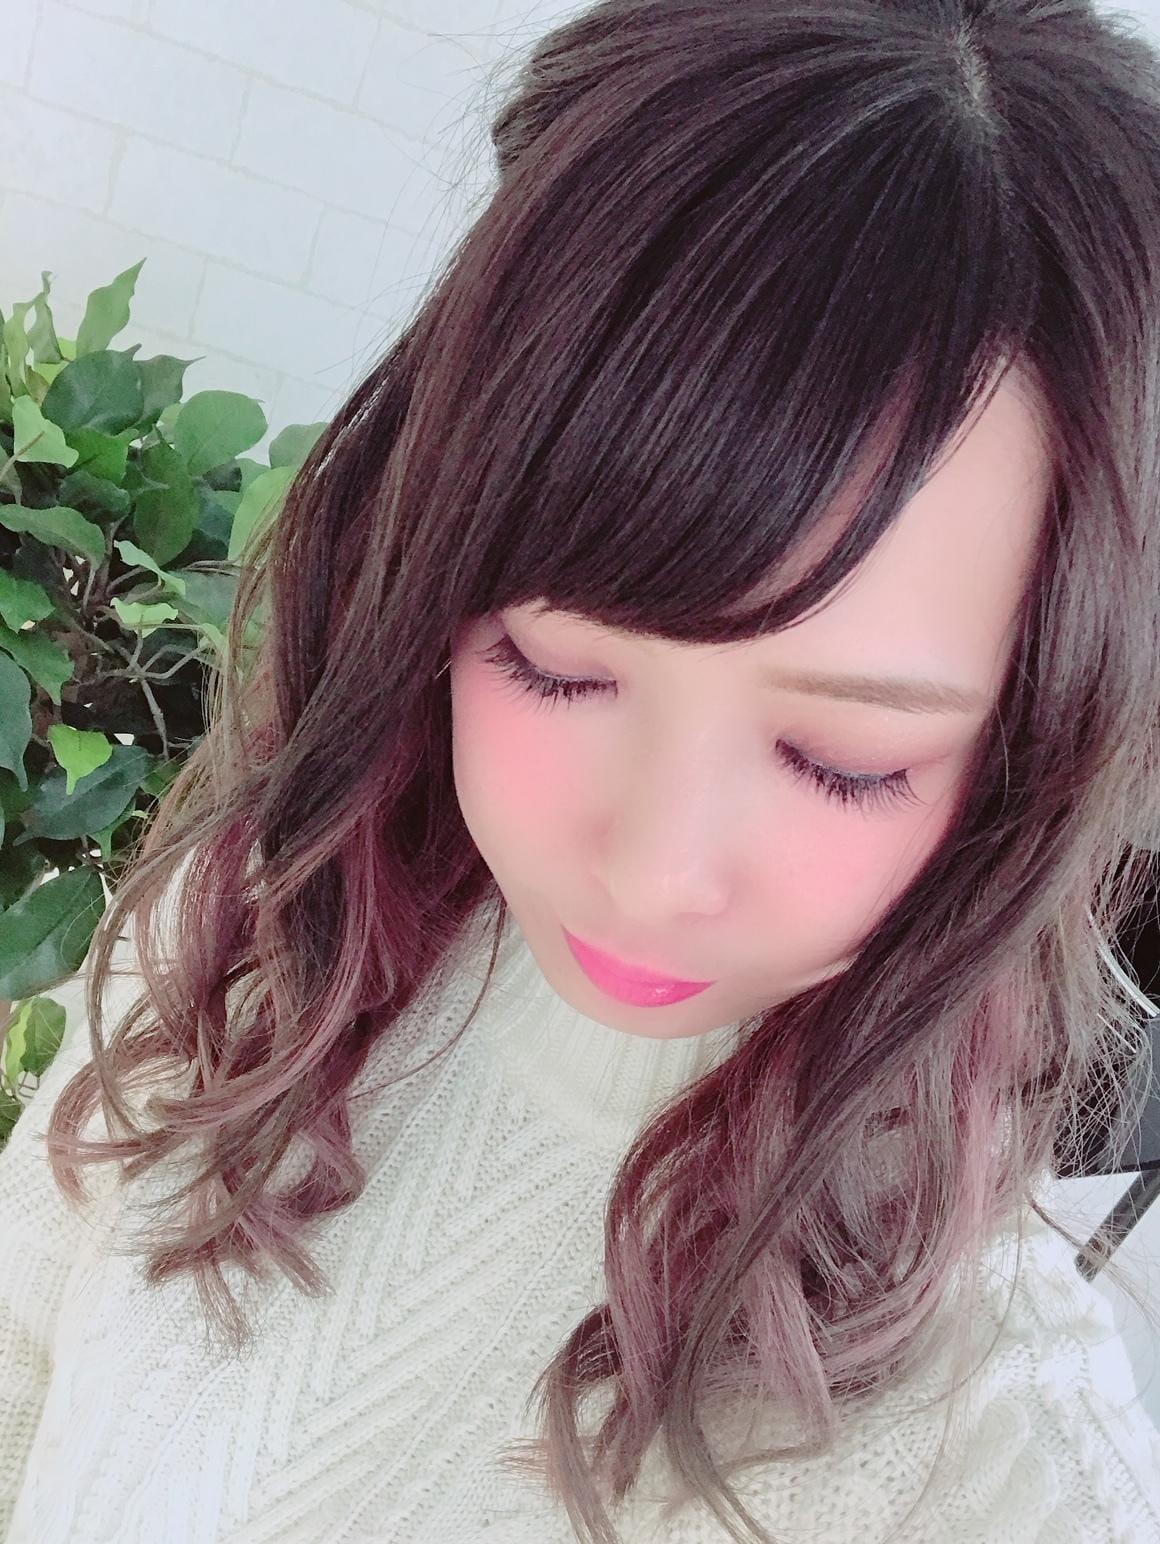 「美意識」10/23(火) 18:43 | ちぃの写メ・風俗動画